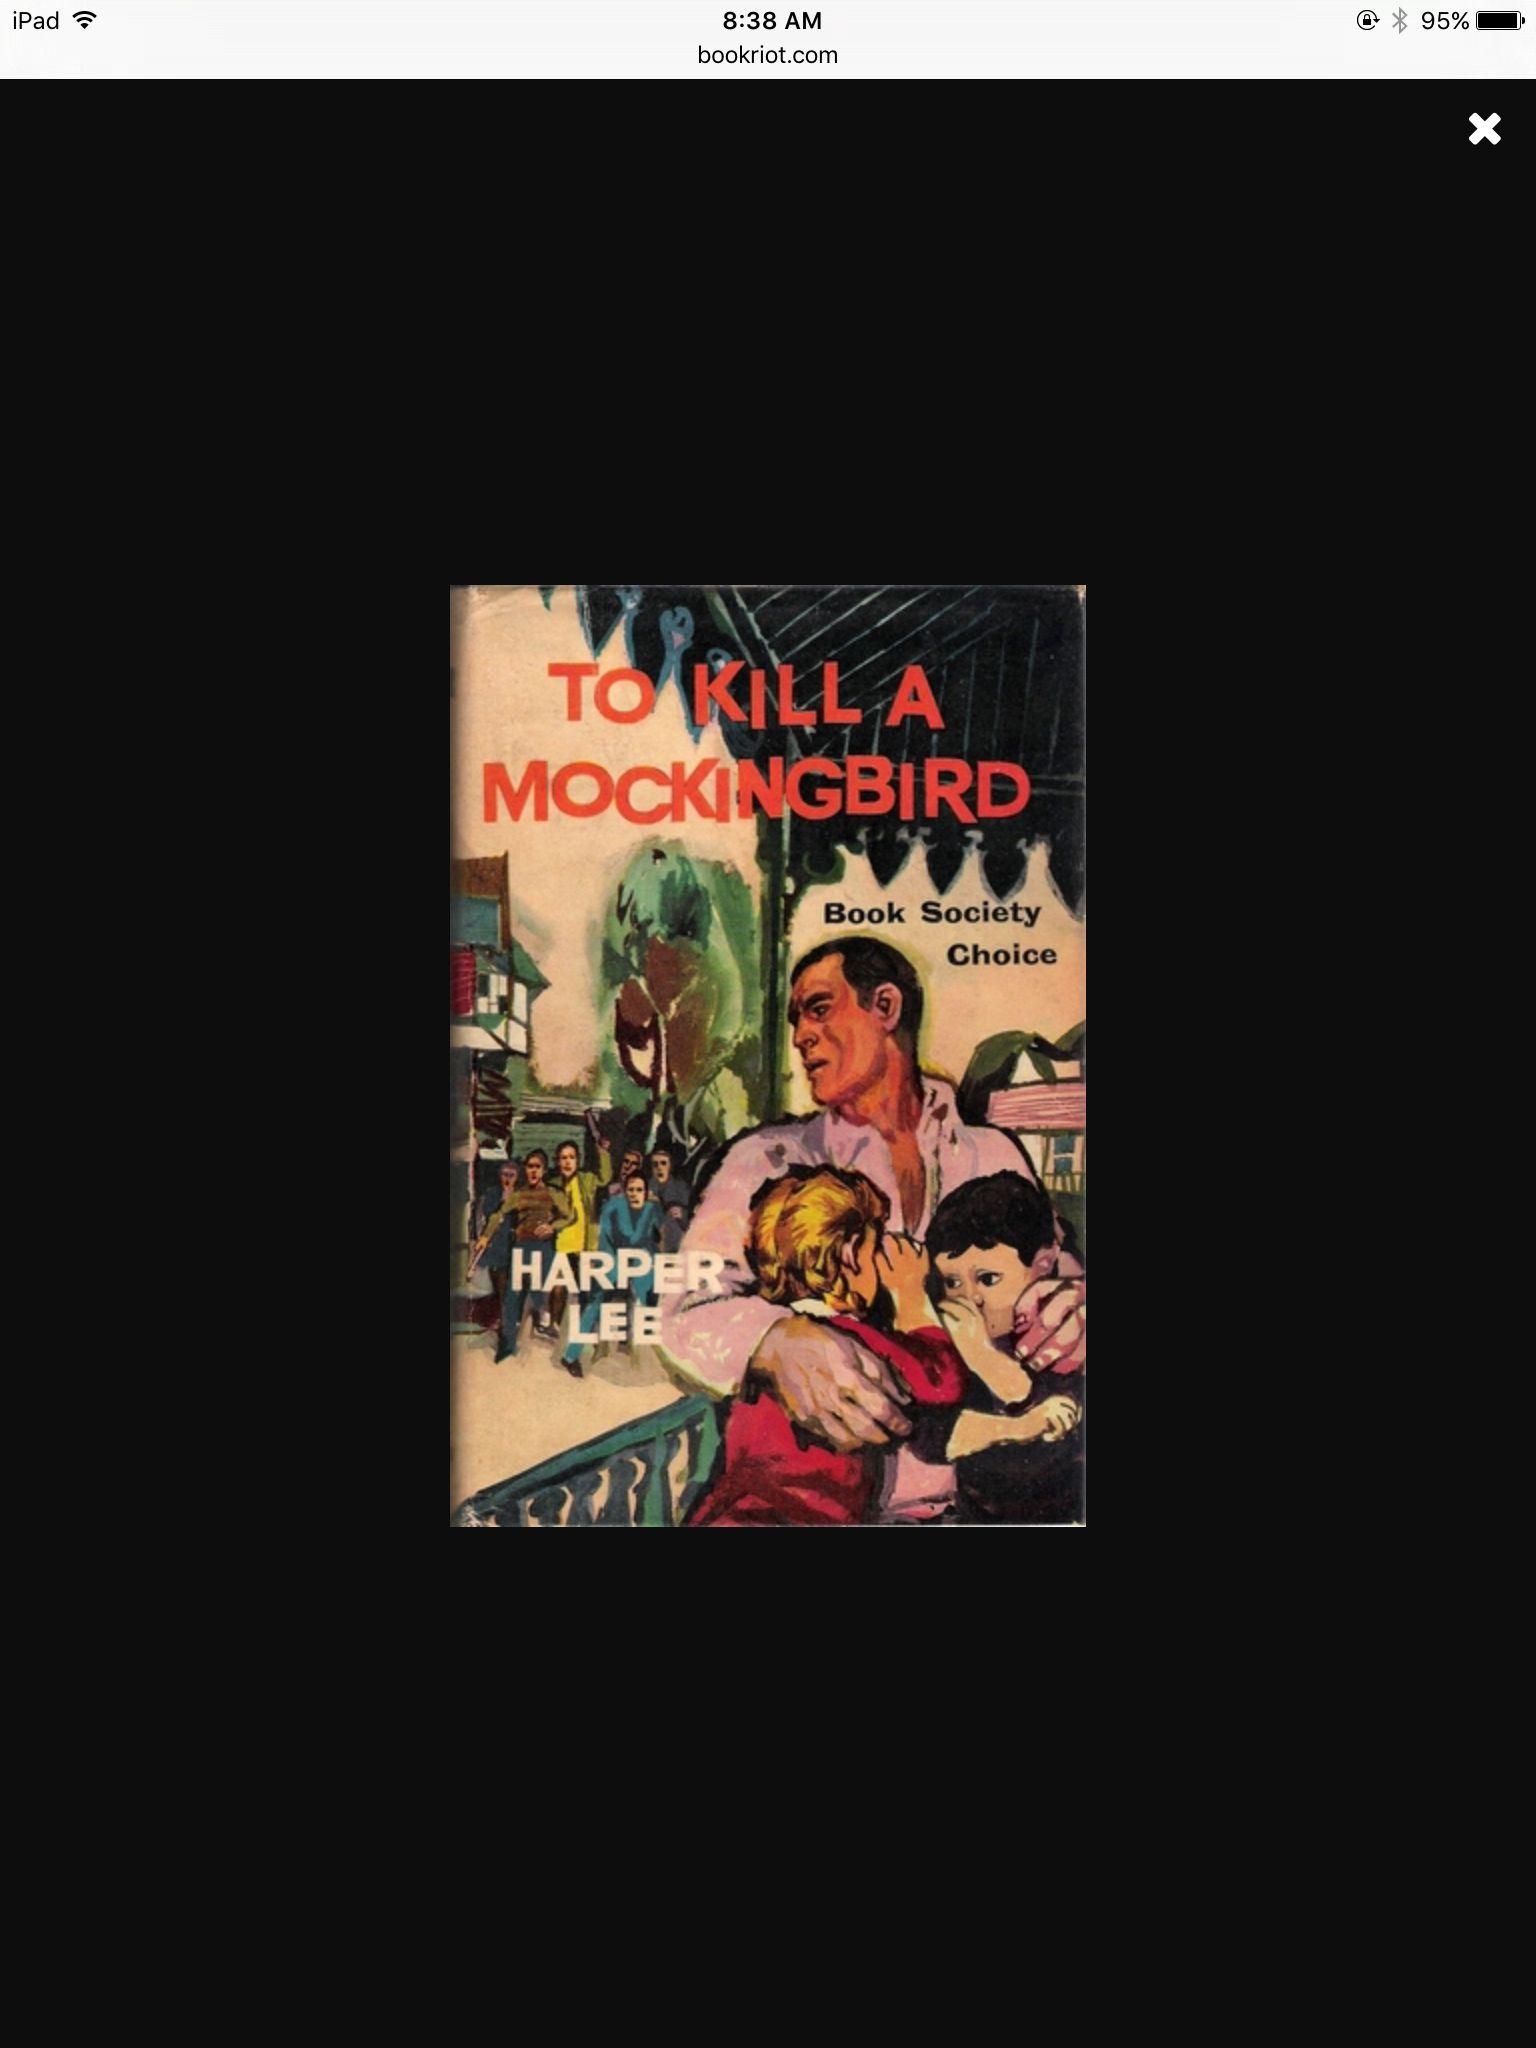 From 1960 To kill a mockingbird, Mocking birds, Society